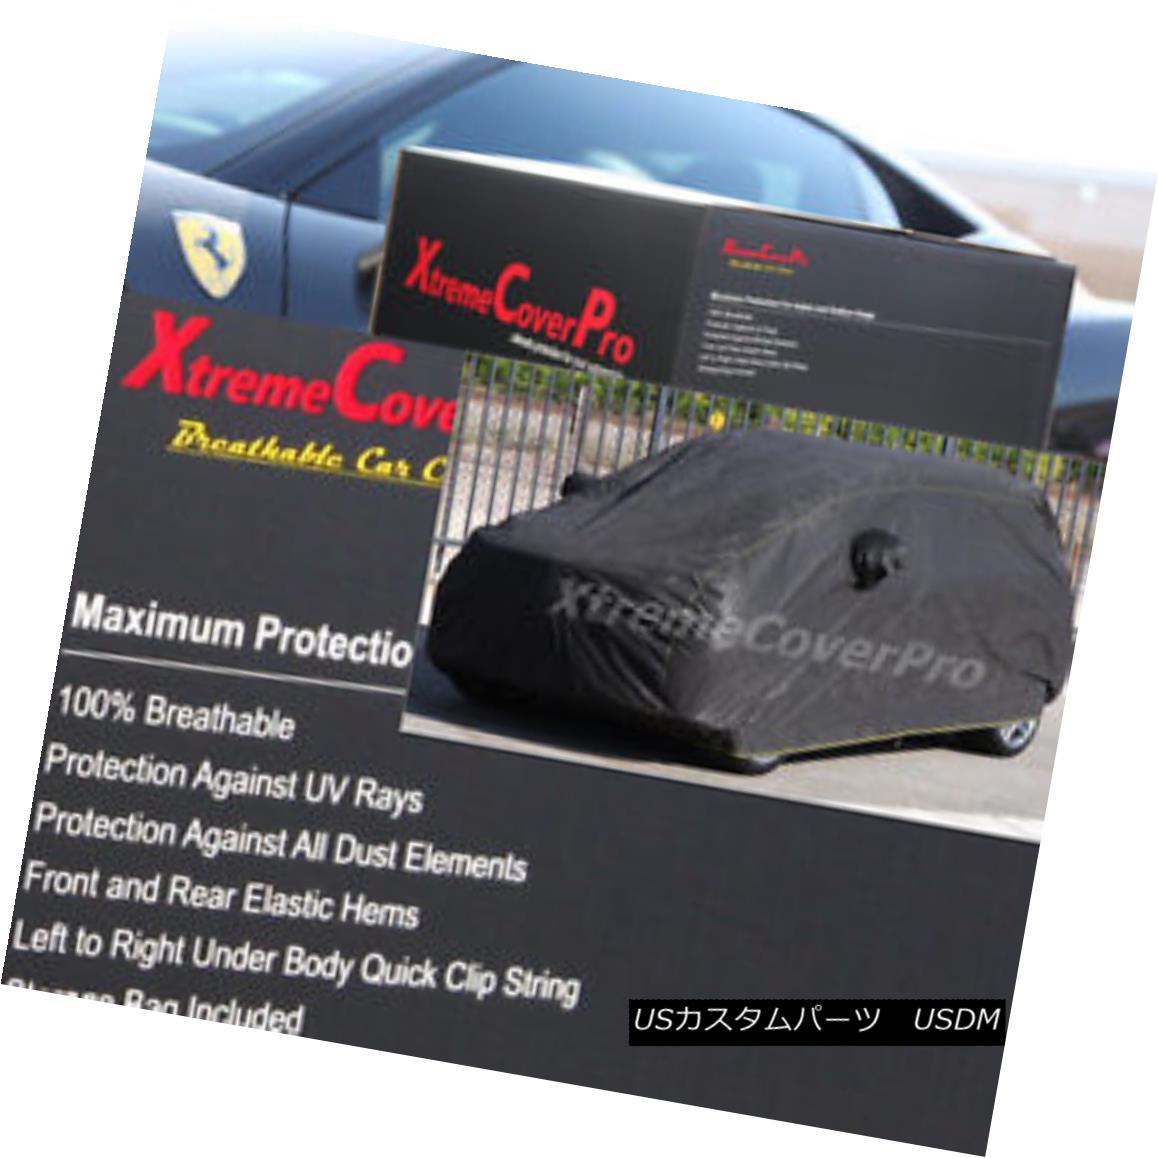 カーカバー 2015 AUDI Q5 SQ5 Breathable Car Cover w/Mirror Pockets - Black 2015 AUDI Q5 SQ5通気性のある車カバー、ミラーポケット付き - ブラック